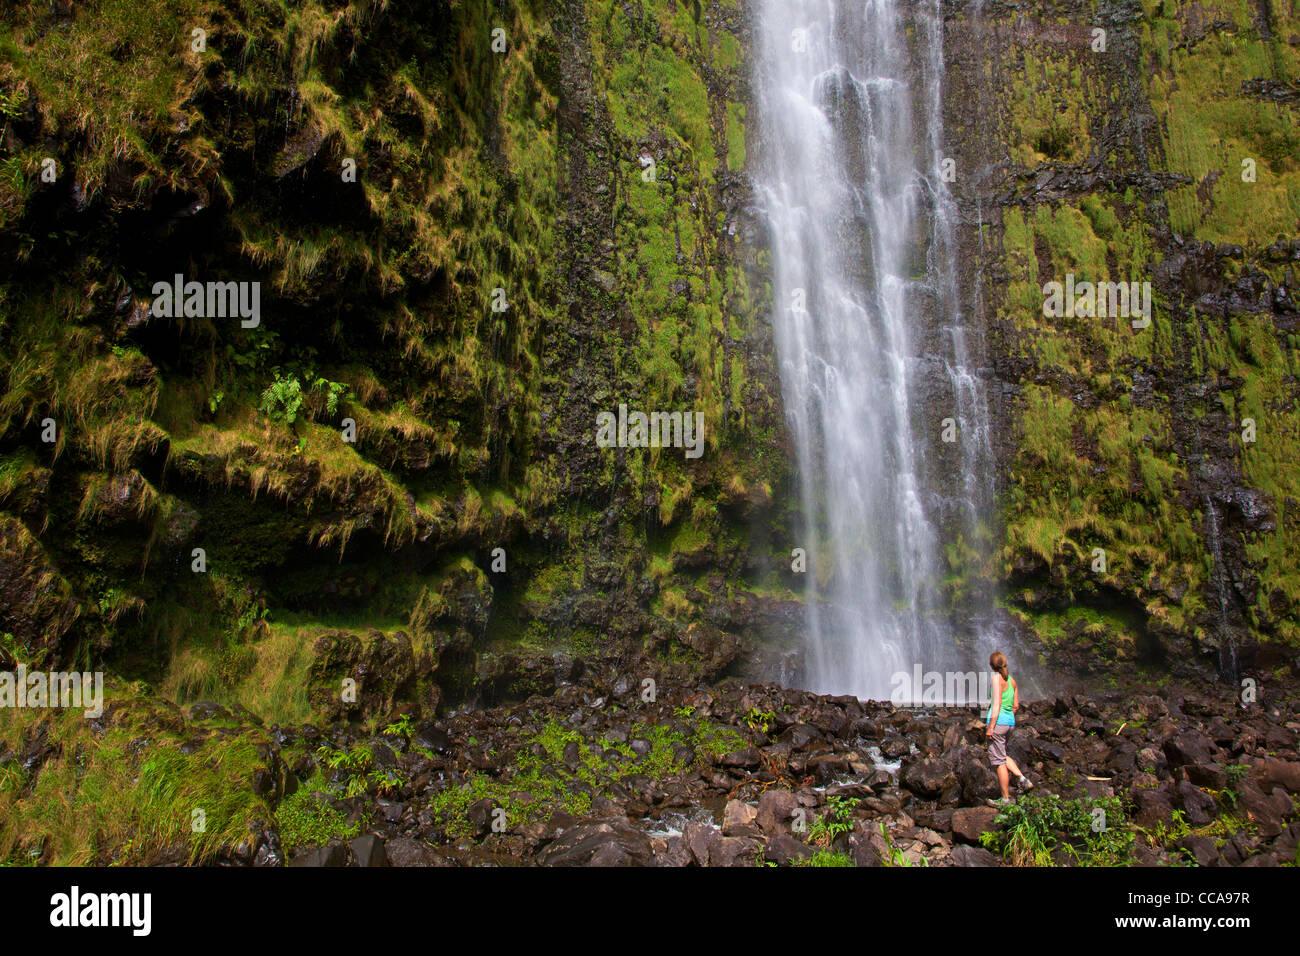 Hiker at Waimoku Falls, Pipiwai Trail, Haleakala National Park, Maui, Hawaii - Stock Image